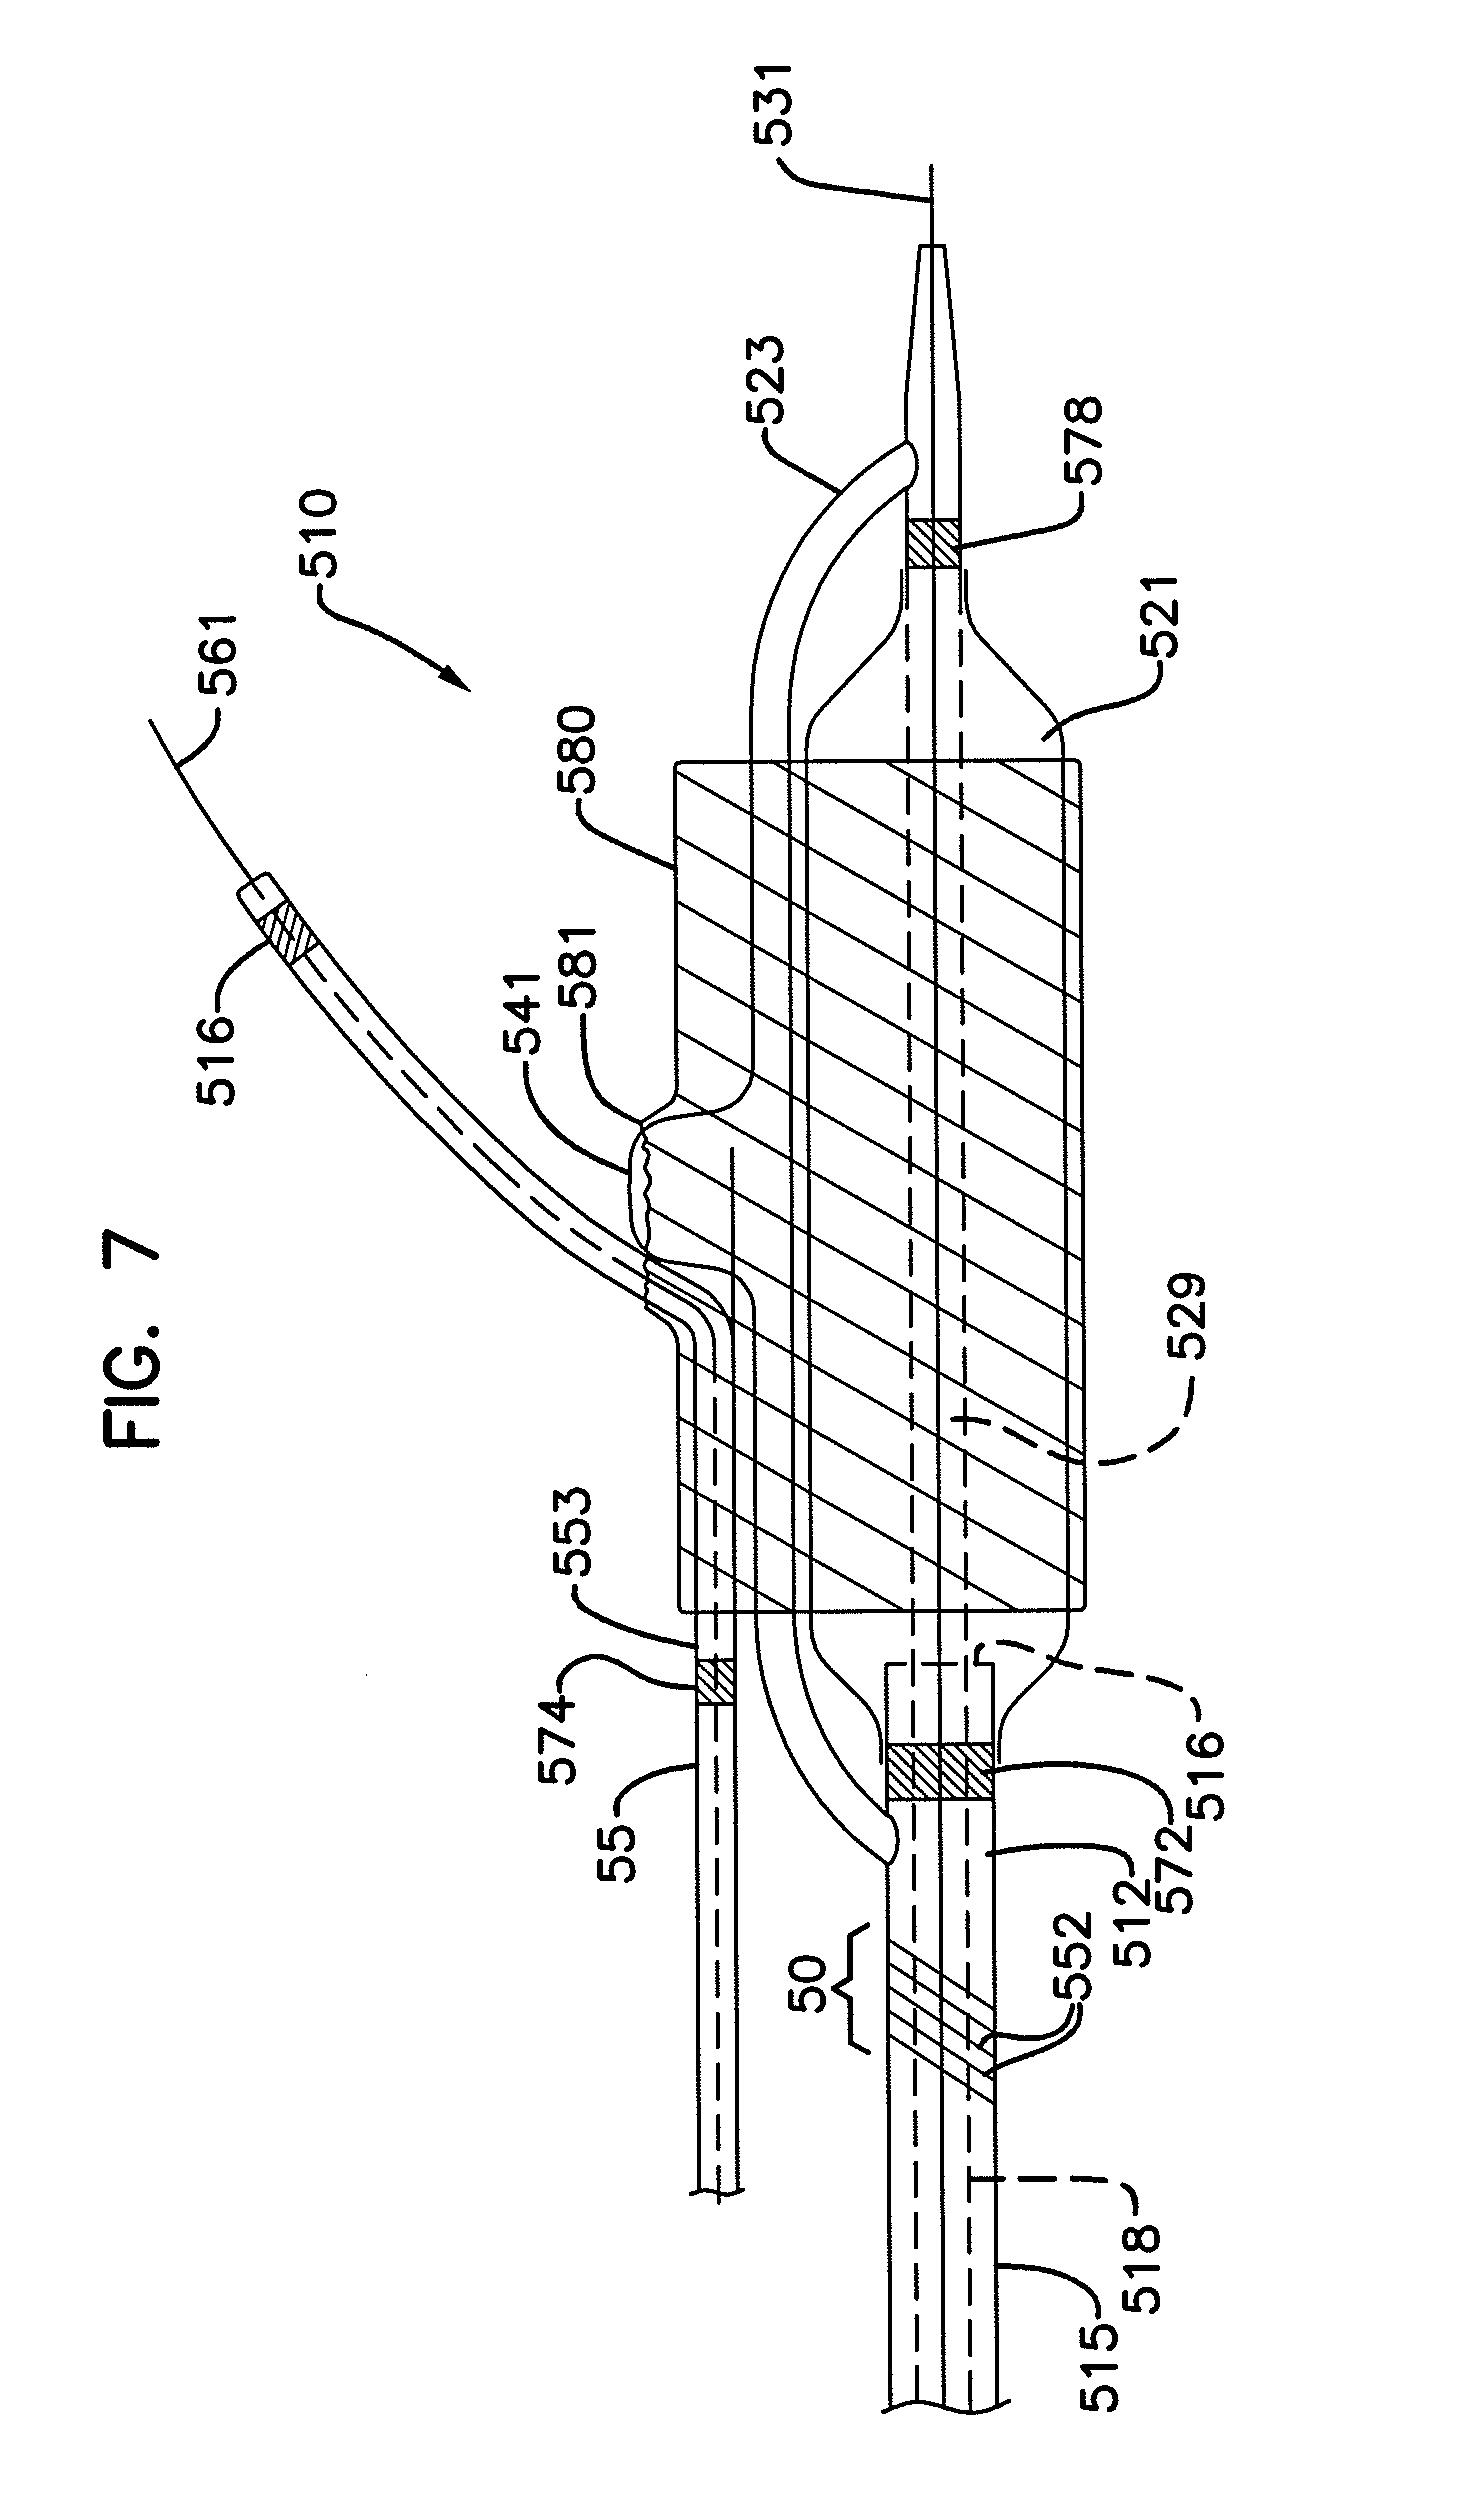 brevet us20100016937 twisting bifurcation delivery